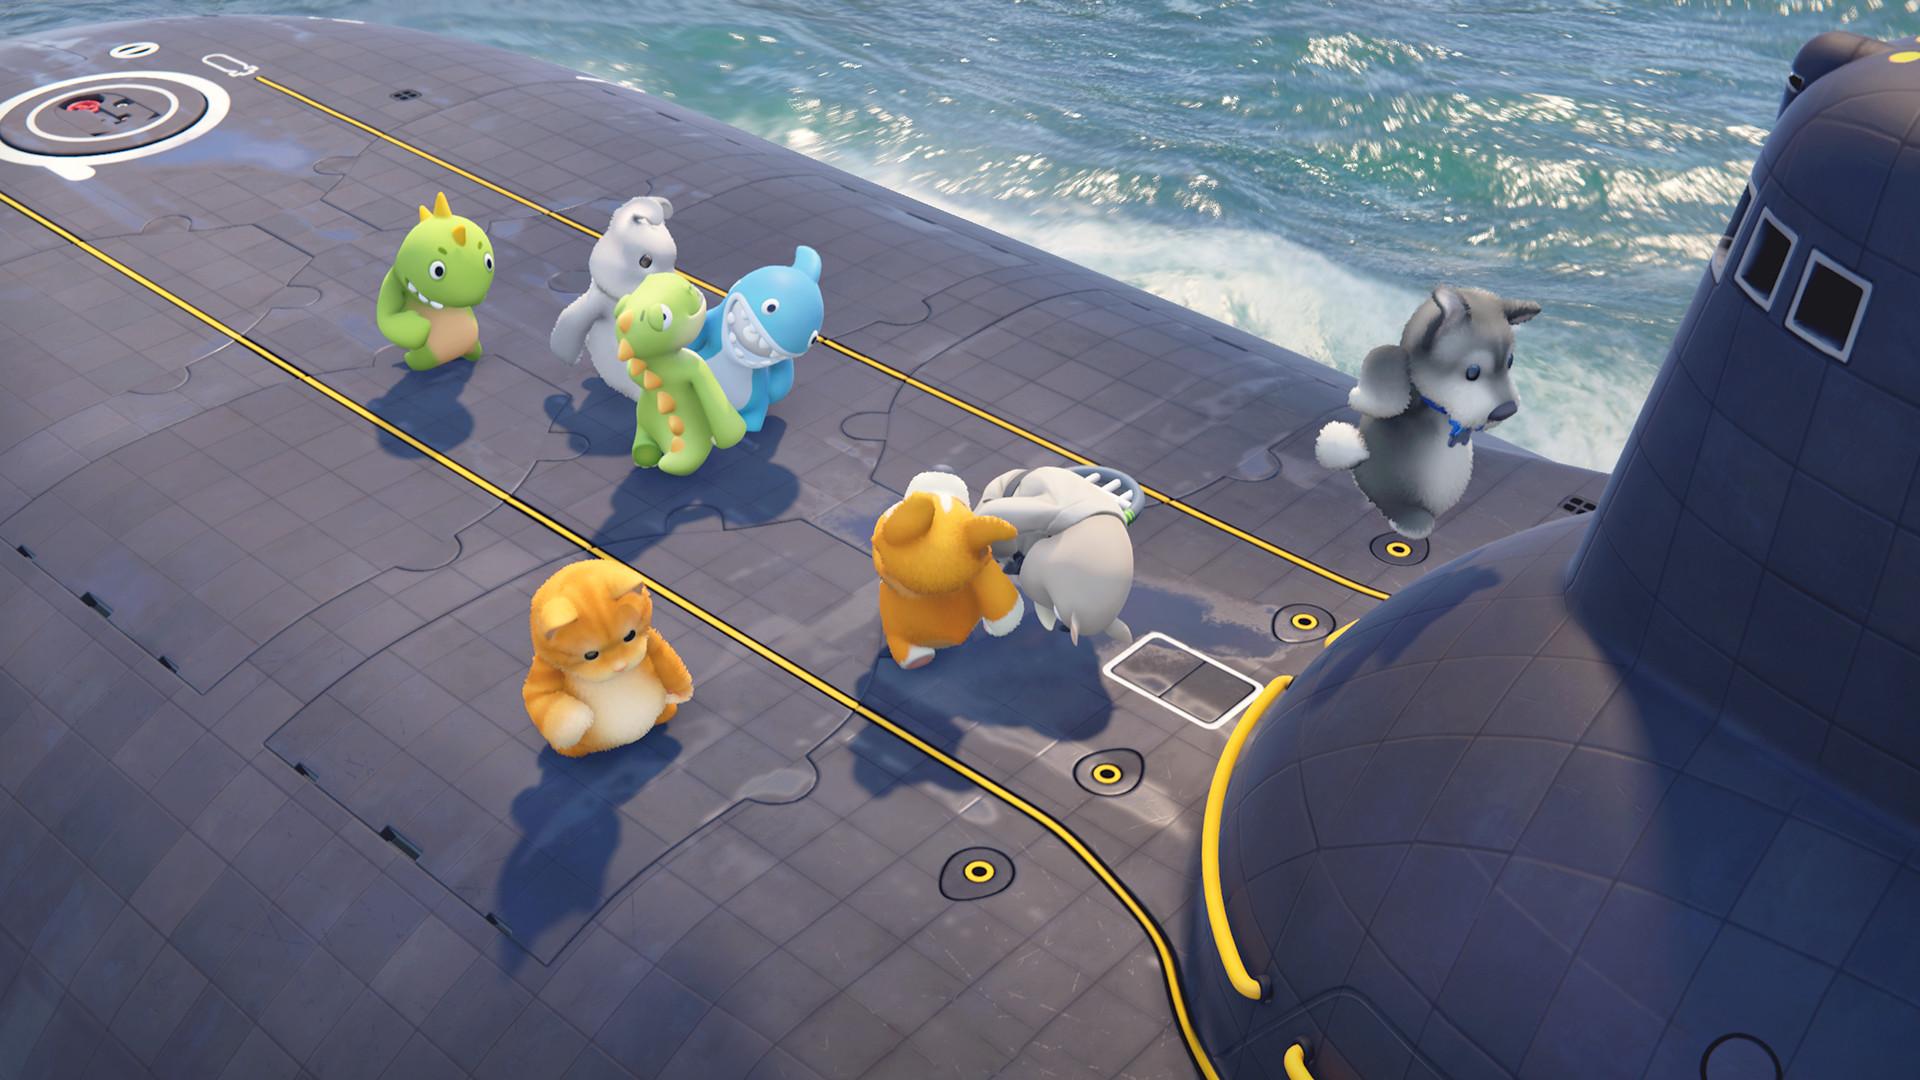 《Party Animals》限时免费,赶紧和朋友们玩起来吧